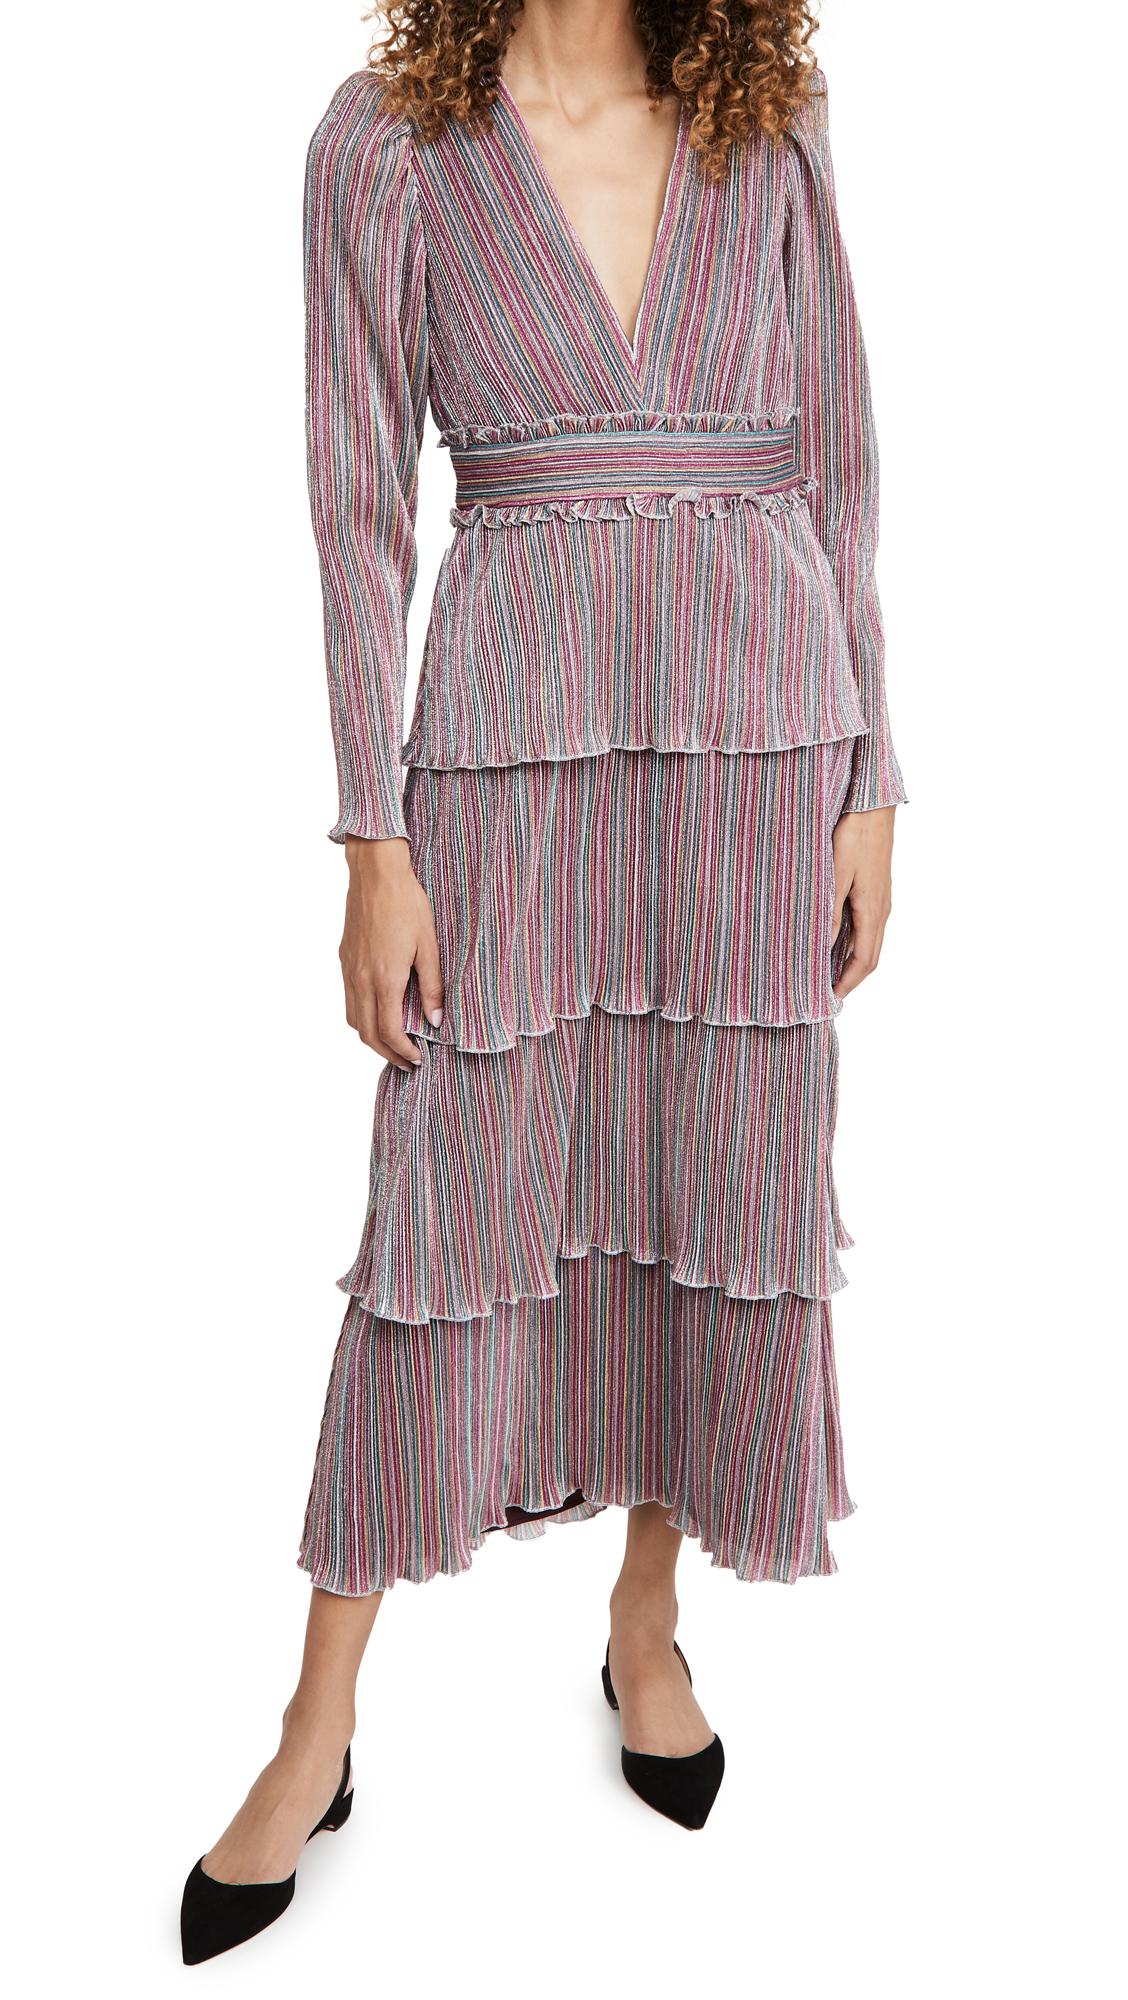 Saylor ALISON DRESS